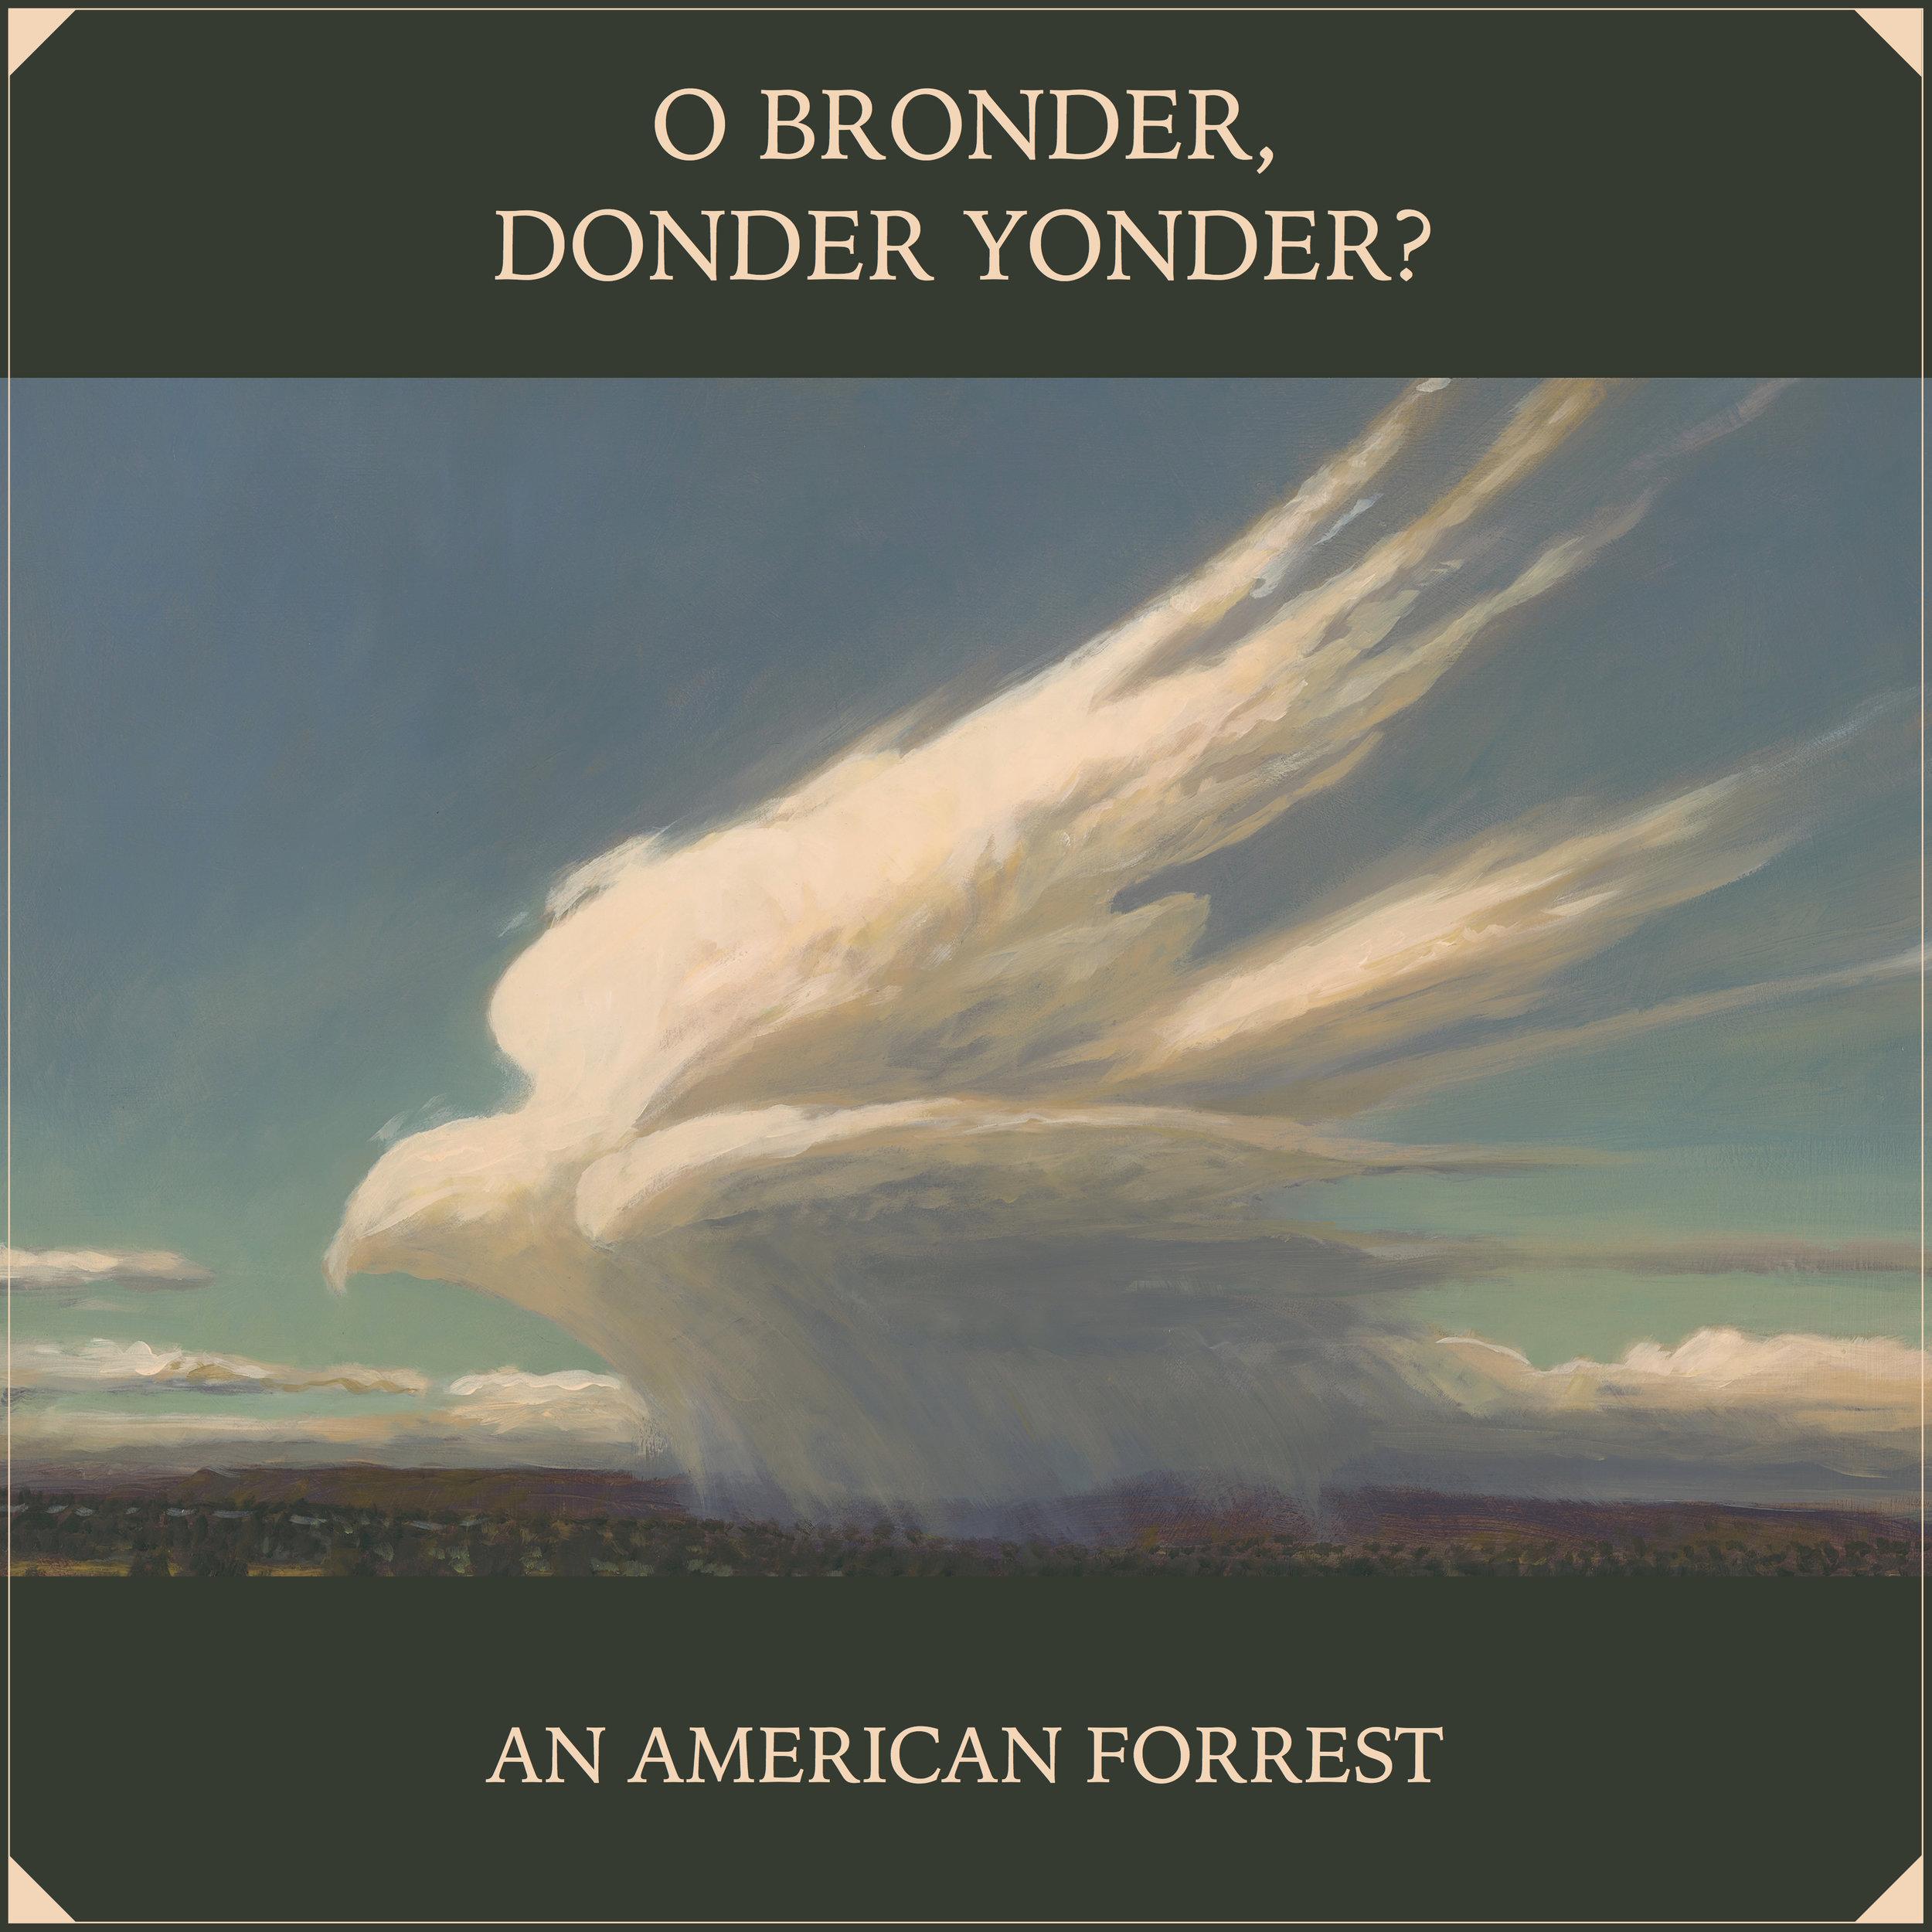 O Bronder, Donder Yonder? - 2019